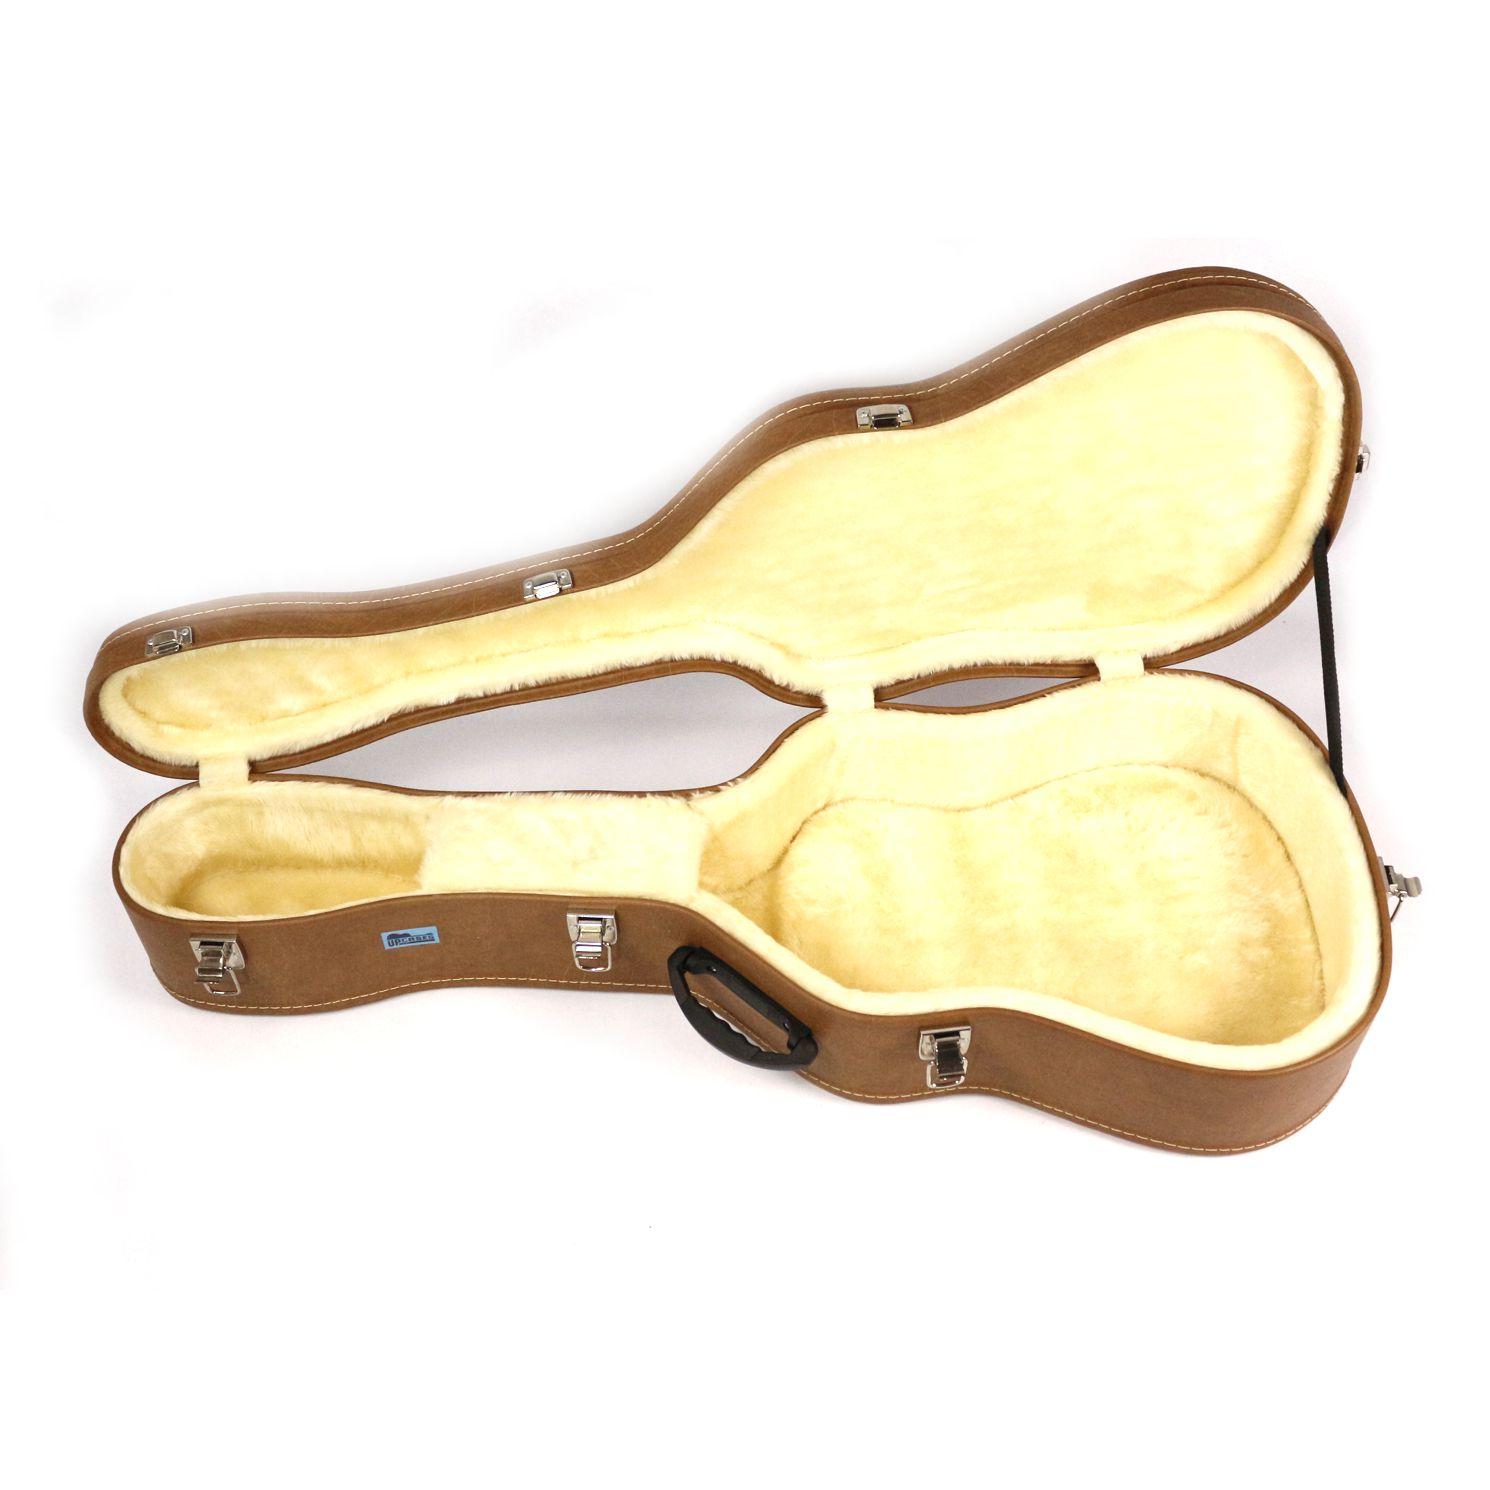 Hard Case para Violão FOLK 12 Cordas em Curvin Marrom  - Upcases